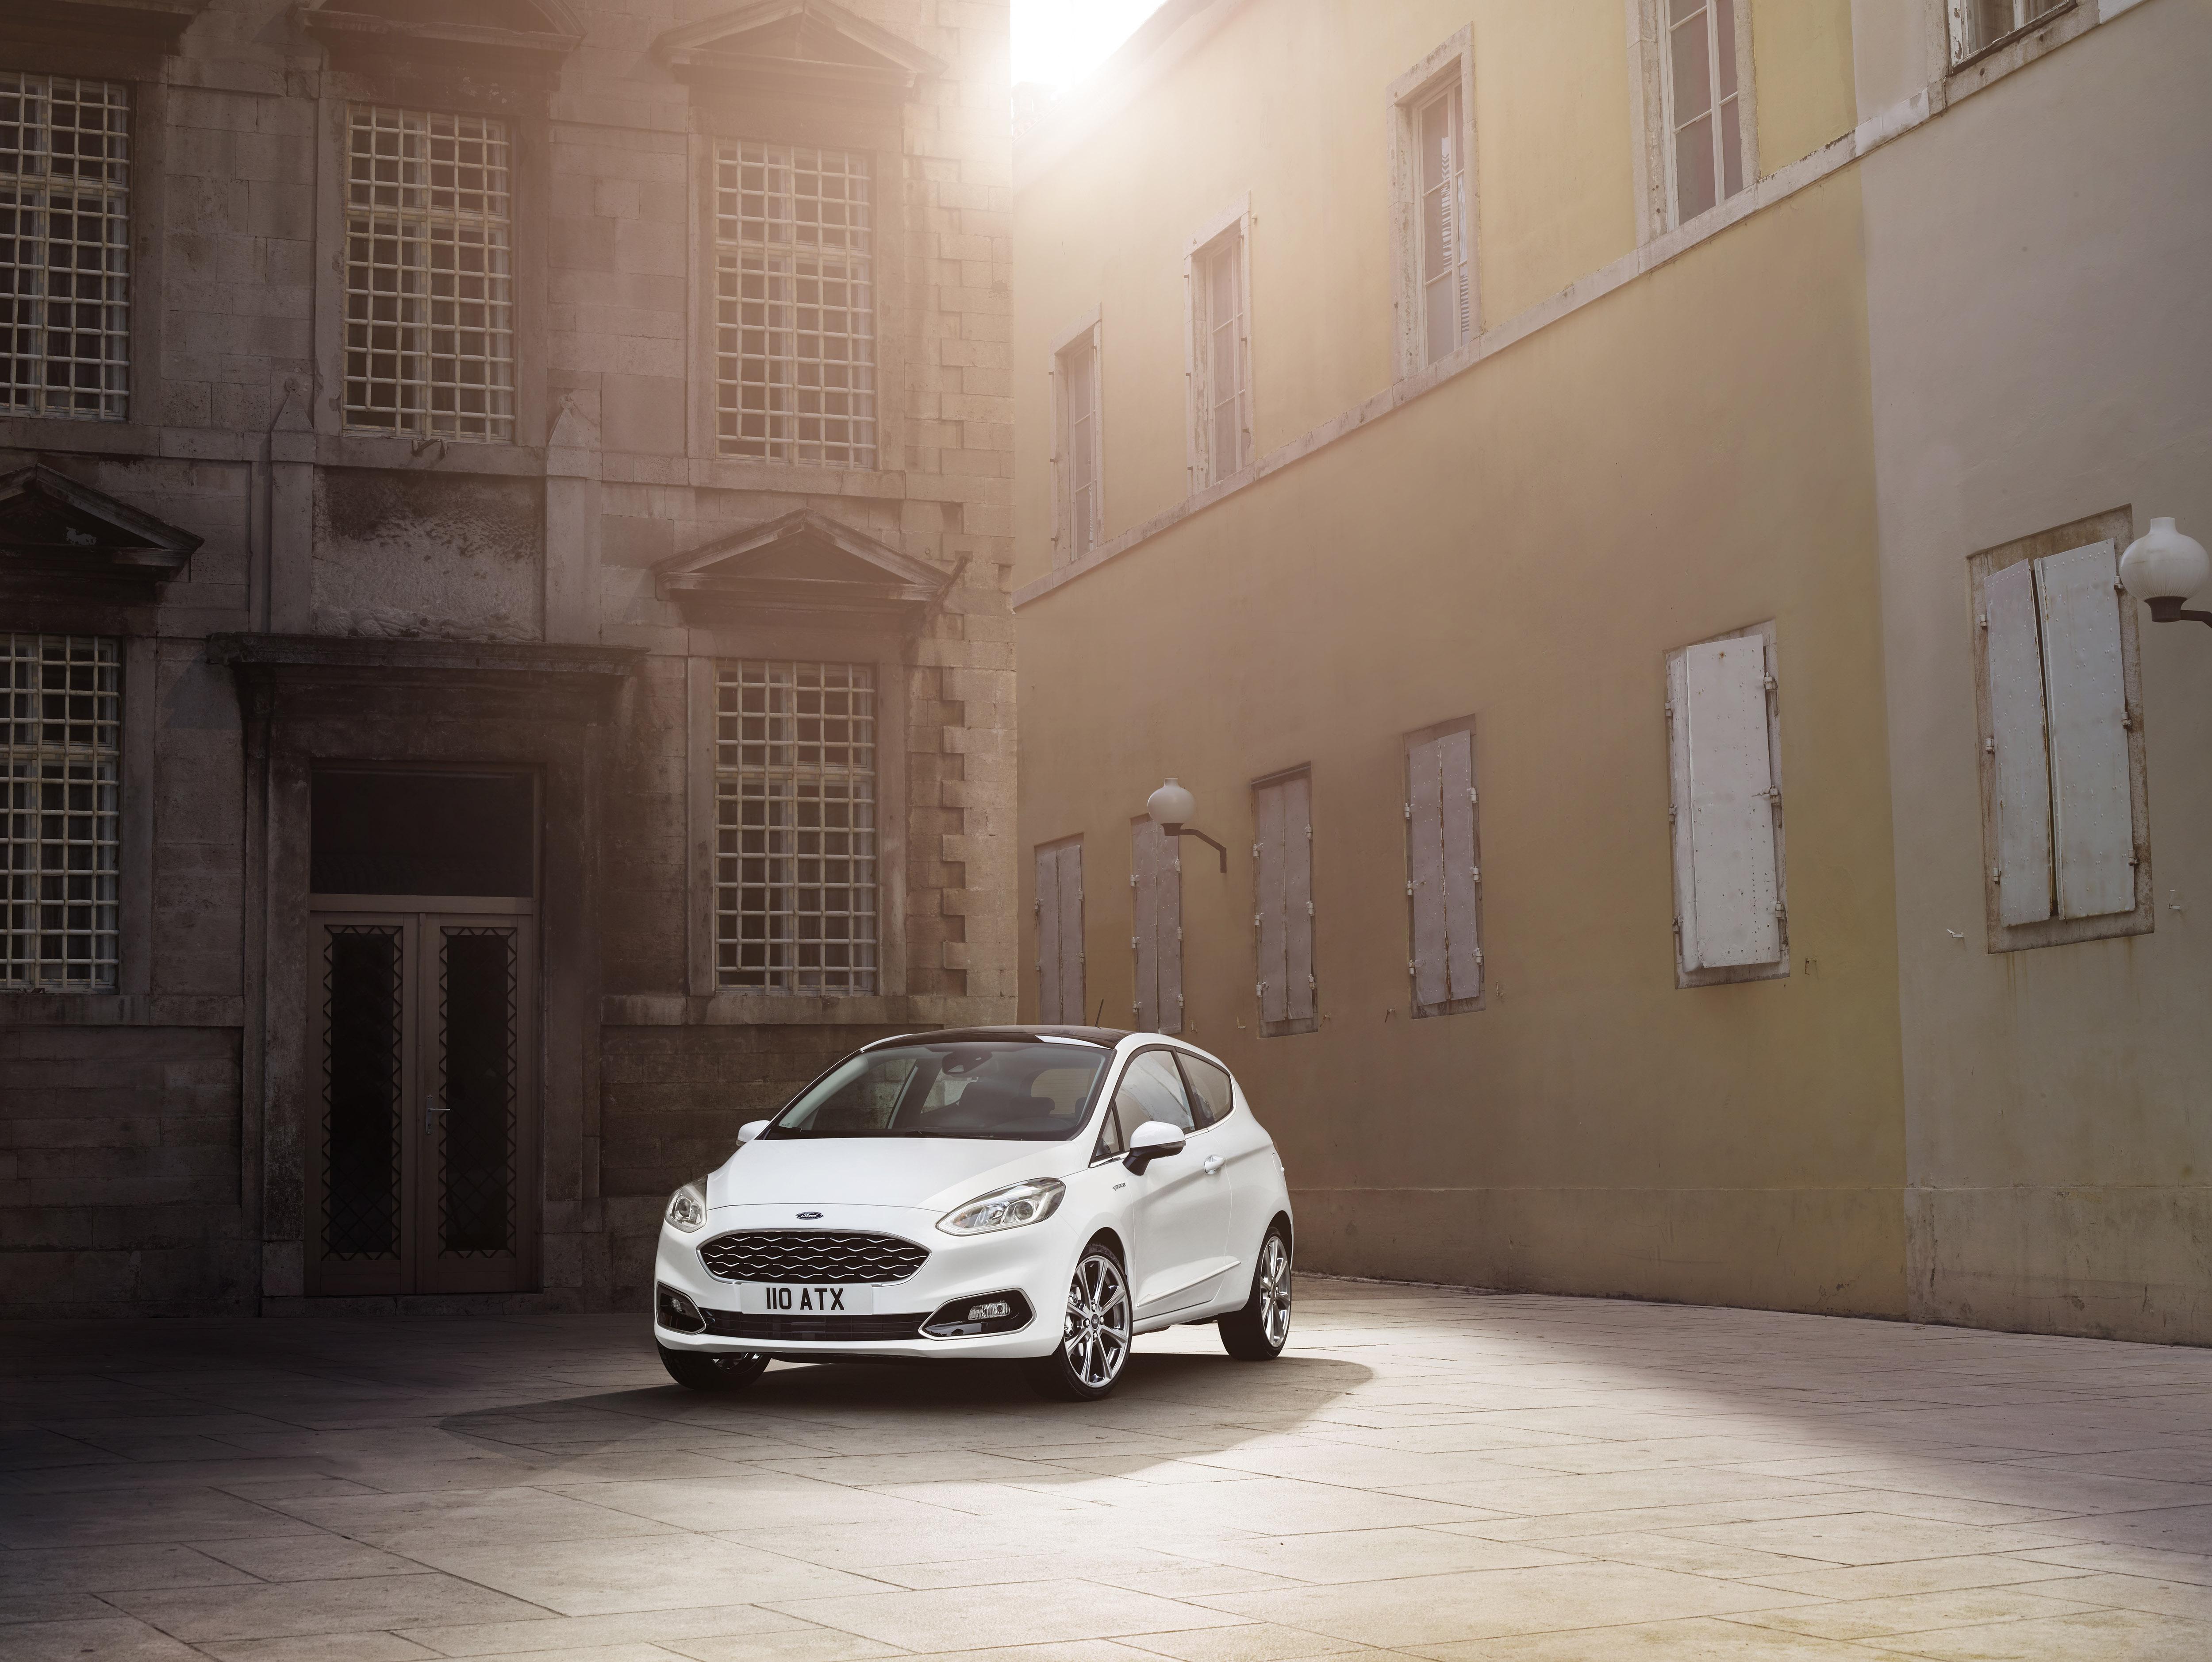 Ford Fiesta på gaden